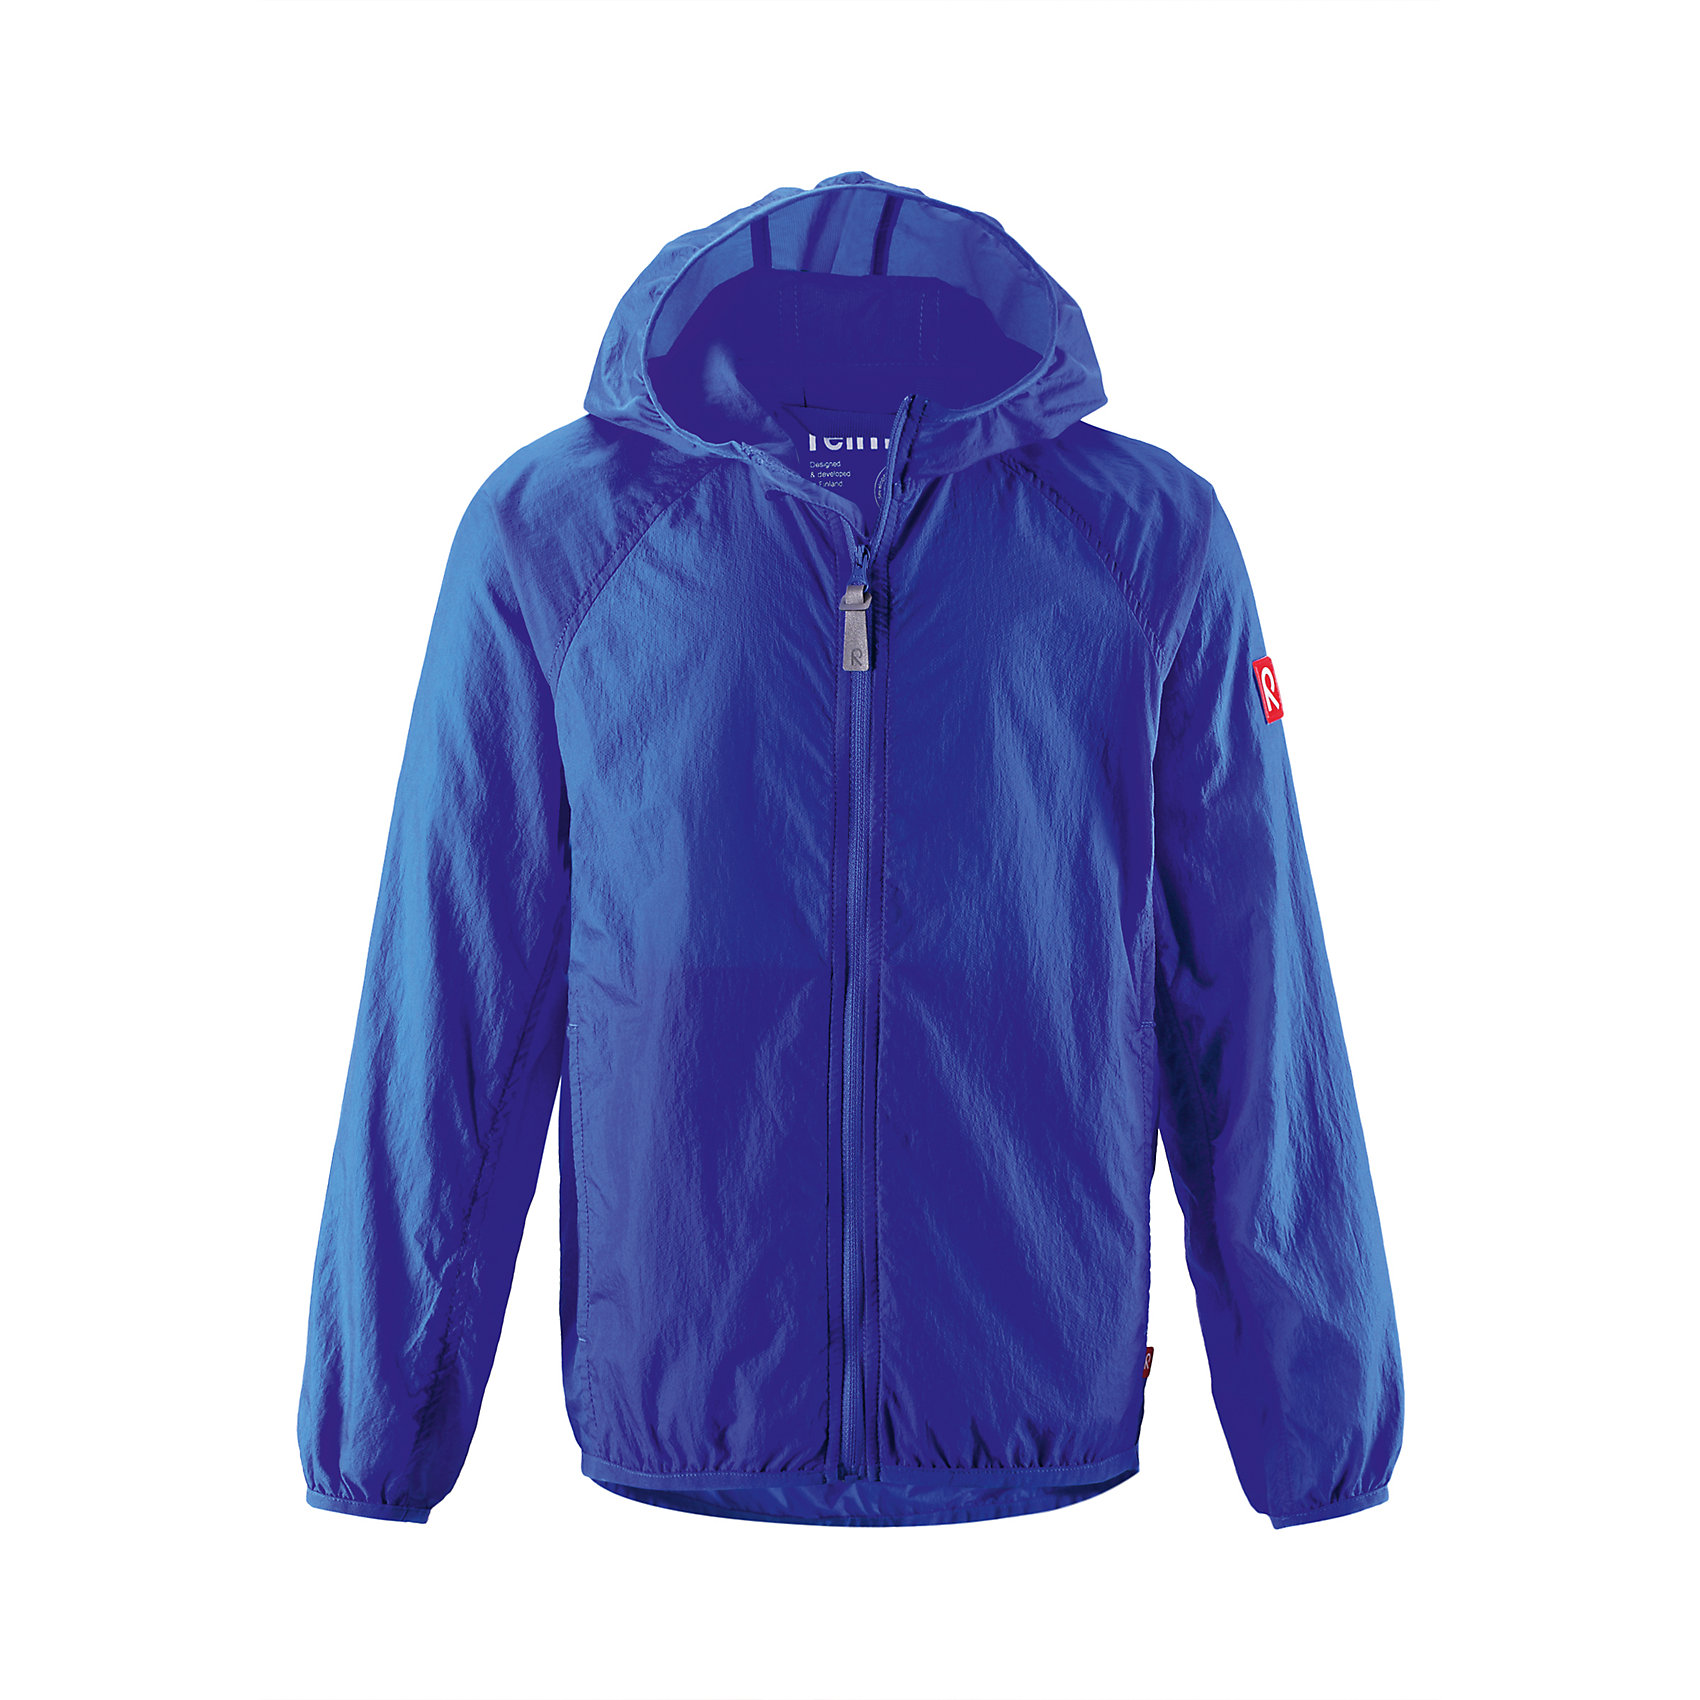 Куртка Saguenay для мальчика ReimaОдежда<br>Характеристики товара:<br><br>• цвет: синий<br>• состав: 100% полиамид<br>• температурный режим: от +15°до +5°С<br>• сезон: весна-лето<br>• без утеплителя<br>• застежка: молния<br>• эластичные манжеты<br>• капюшон<br>• карманы<br>• логотип<br>• комфортная посадка<br>• страна производства: Китай<br>• страна бренда: Финляндия<br><br>Верхняя одежда для детей может быть модной и комфортной одновременно! Легкая куртка поможет обеспечить ребенку комфорт в прохладную погоду. Она отлично смотрится с различной одеждой и обувью. Изделие удобно сидит и модно выглядит. Стильный дизайн разрабатывался специально для детей.<br><br>Одежда и обувь от финского бренда Reima пользуется популярностью во многих странах. Эти изделия стильные, качественные и удобные. Для производства продукции используются только безопасные, проверенные материалы и фурнитура. Порадуйте ребенка модными и красивыми вещами от Reima! <br><br>Куртку Saguenay для мальчика от финского бренда Reima (Рейма) можно купить в нашем интернет-магазине.<br><br>Ширина мм: 356<br>Глубина мм: 10<br>Высота мм: 245<br>Вес г: 519<br>Цвет: разноцветный<br>Возраст от месяцев: 108<br>Возраст до месяцев: 120<br>Пол: Унисекс<br>Возраст: Детский<br>Размер: 140,134,128,146,152,104,122,116<br>SKU: 5415457